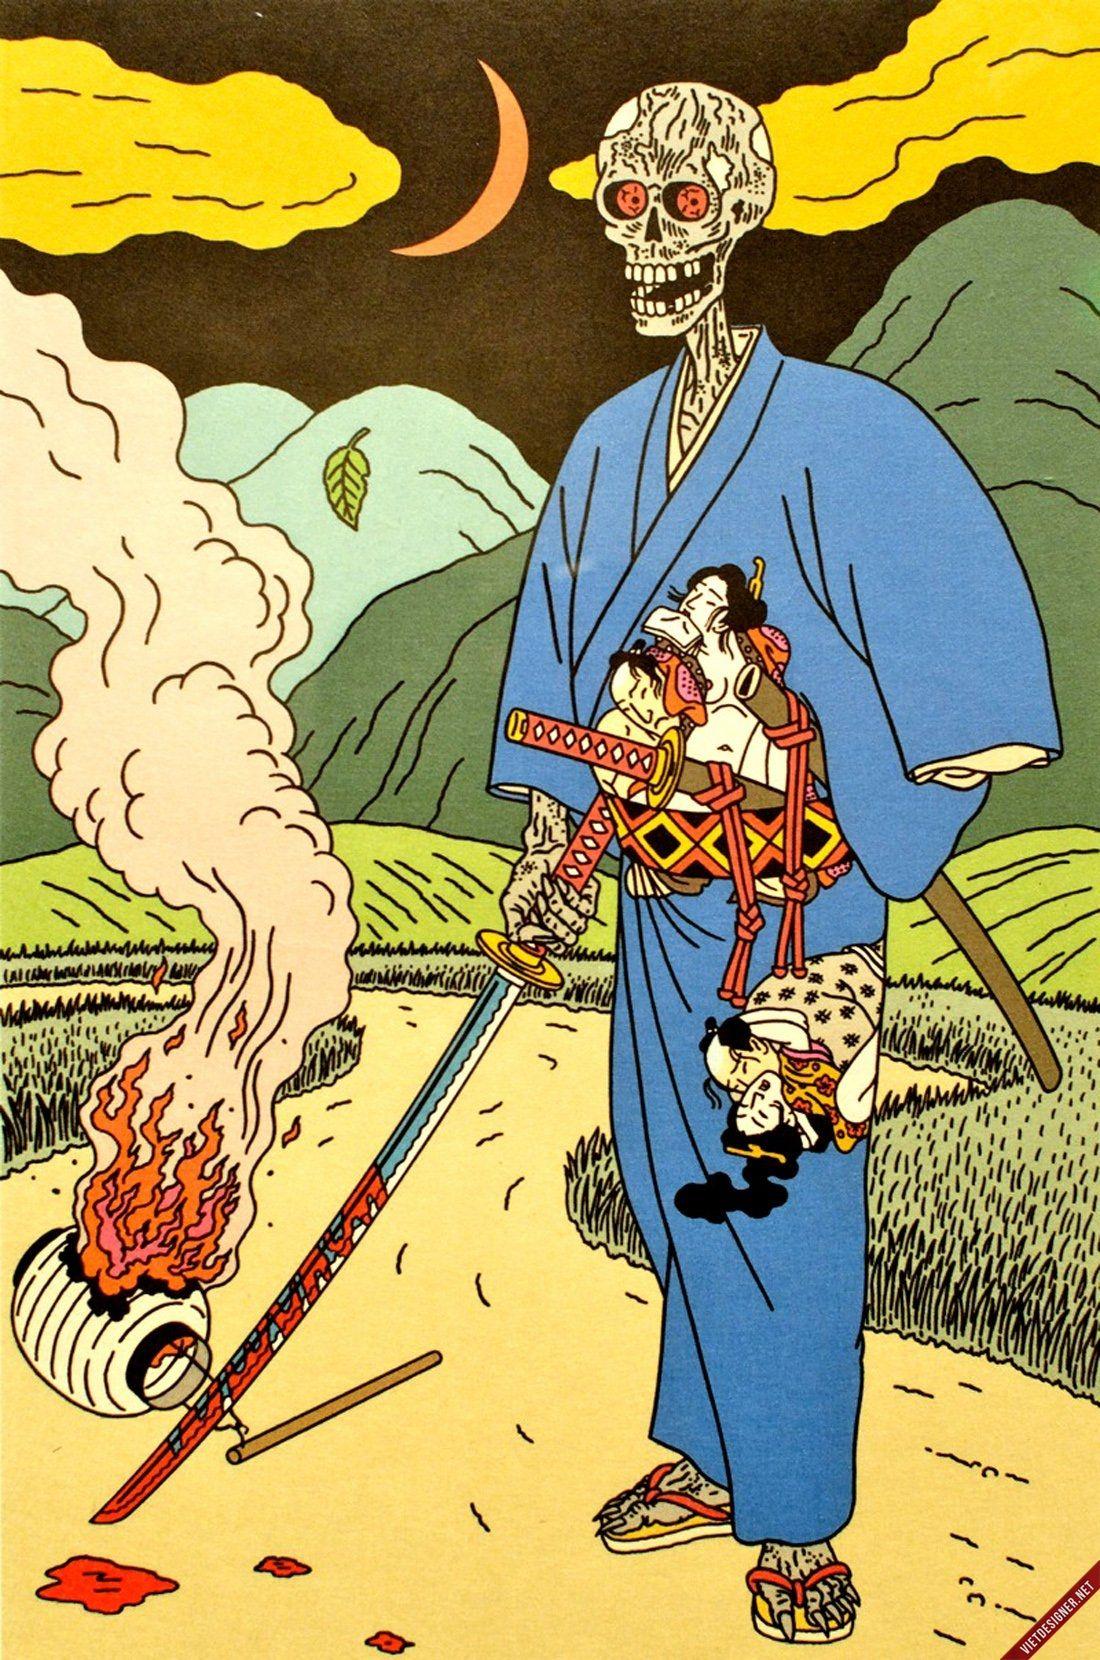 хоррор эротика тошио саеки картины toshio saeki отвратительные мужики disgusting men